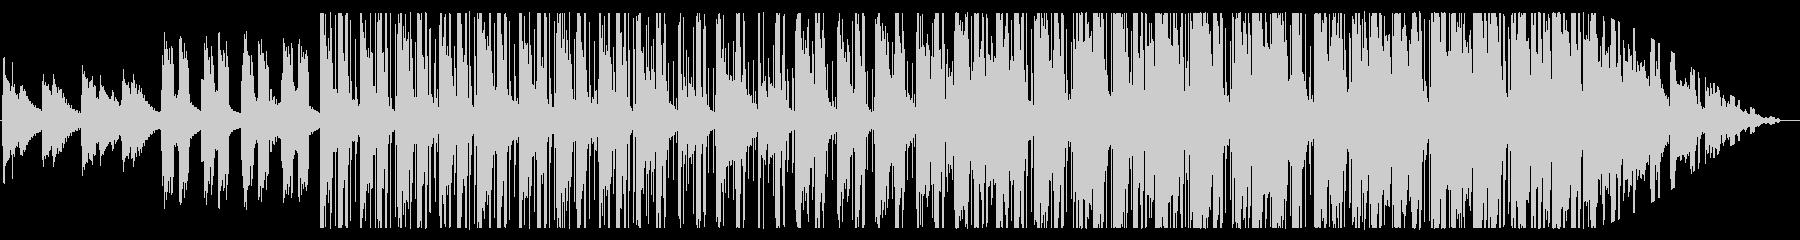 冬/チル/R&B_No517の未再生の波形